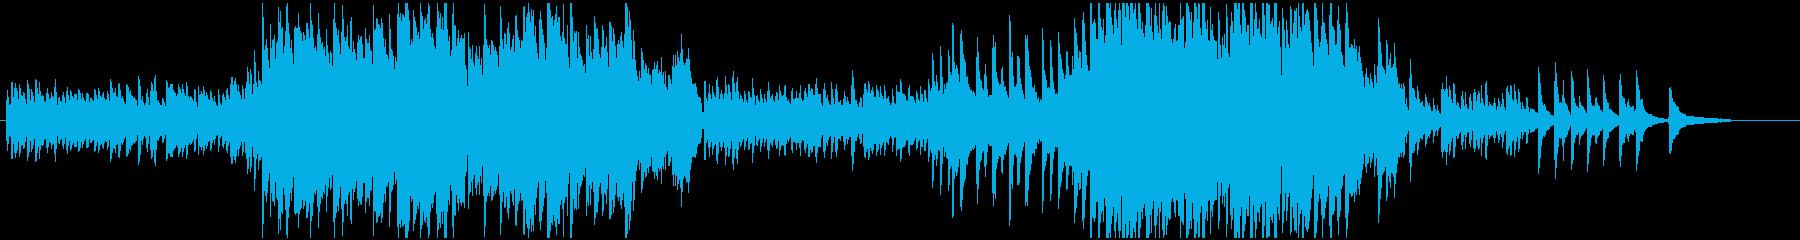 いい感じのピアノ曲の再生済みの波形